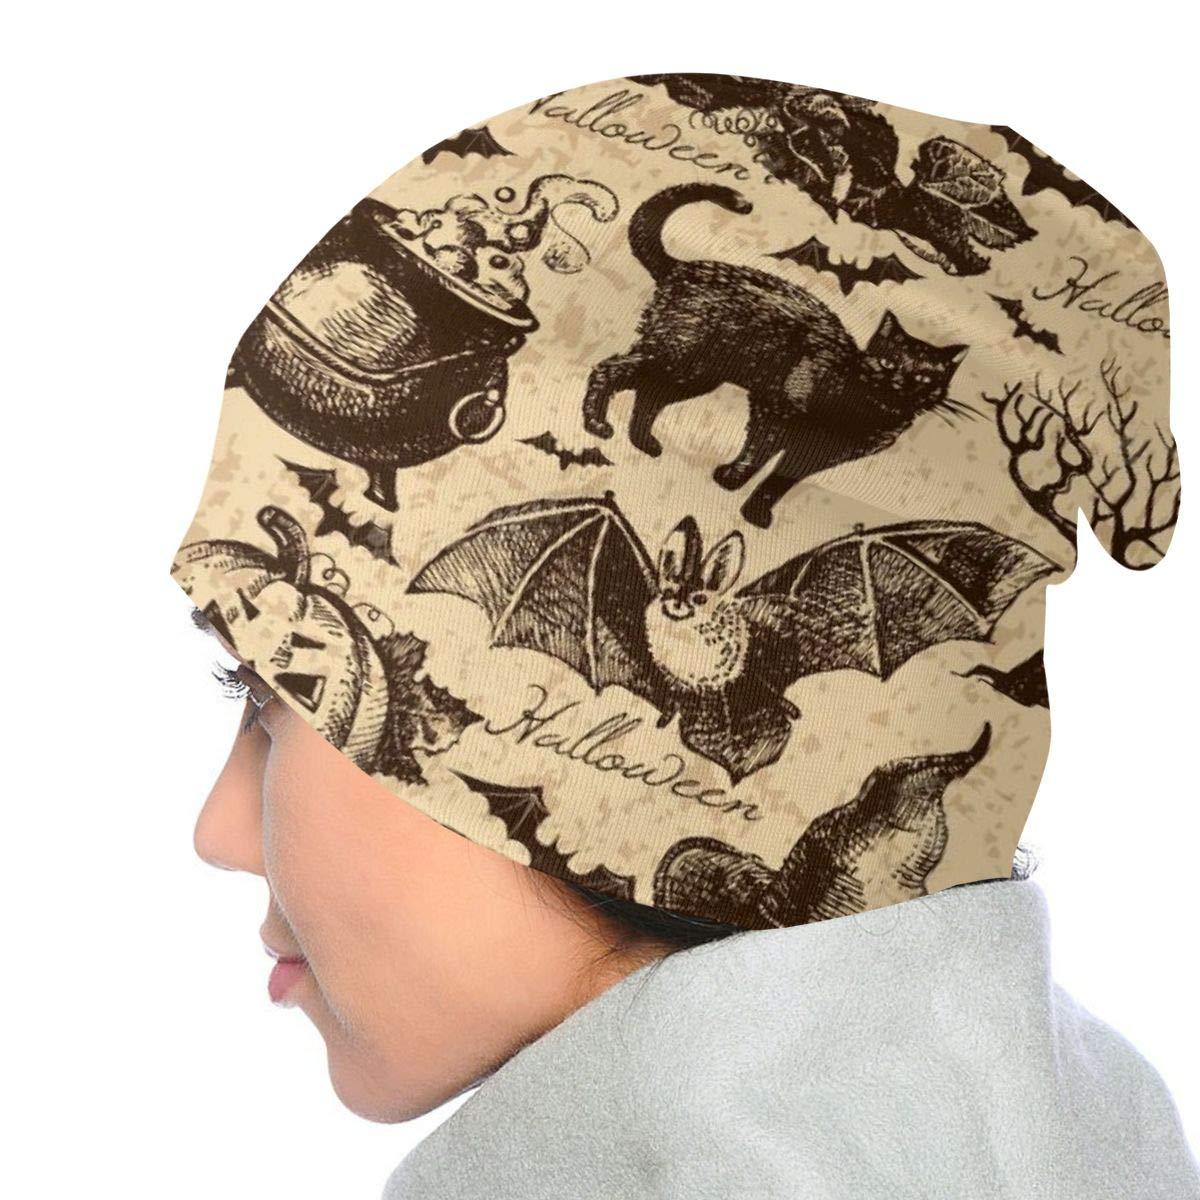 Kids Winter Beanie Knit Hat Narwhal Penguin Winter Skull Cap Daily Hats Caps Skullcap for Child